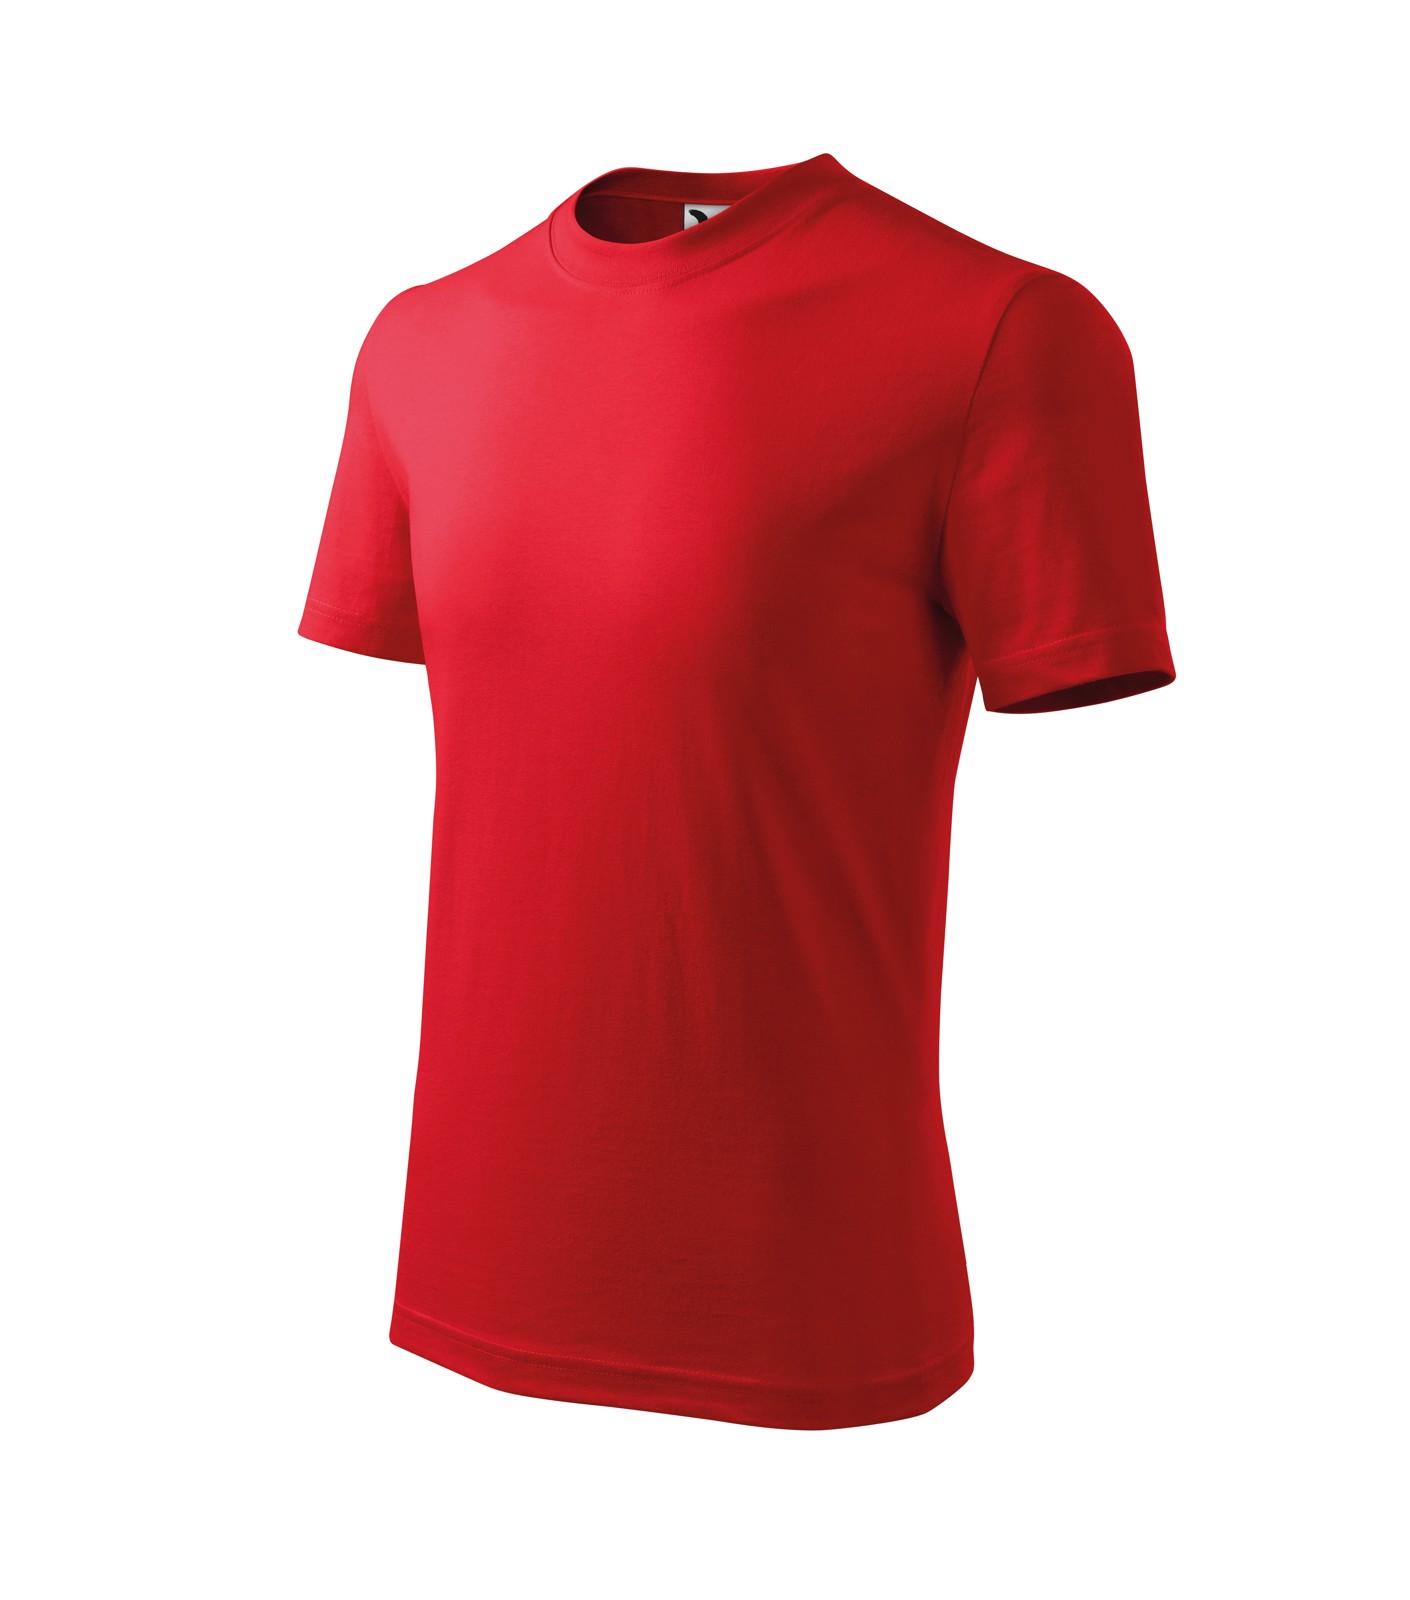 Tričko dětské Malfini Basic - Červená / 158 cm/12 let